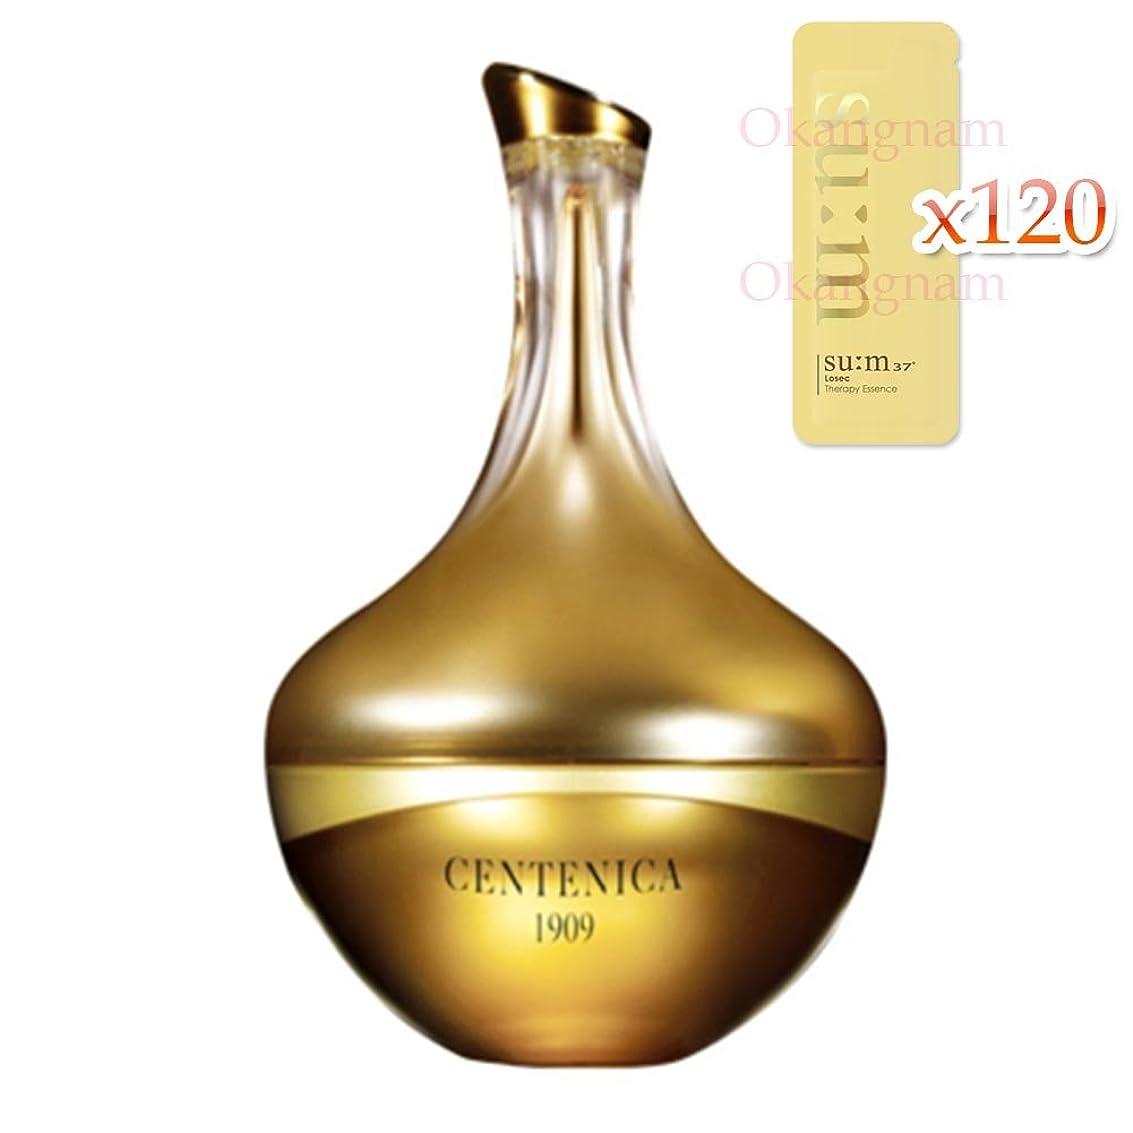 午後モルヒネスロベニア[su:m37/スム37°] SUM37 Centenica Luxury Cream/sum37 スム37? 名品自然発酵ワイン、イタリアのモデナ自然発酵秒、アシュワガンダ成分の名品発酵クリーム+[Sample Gift](海外直送品)